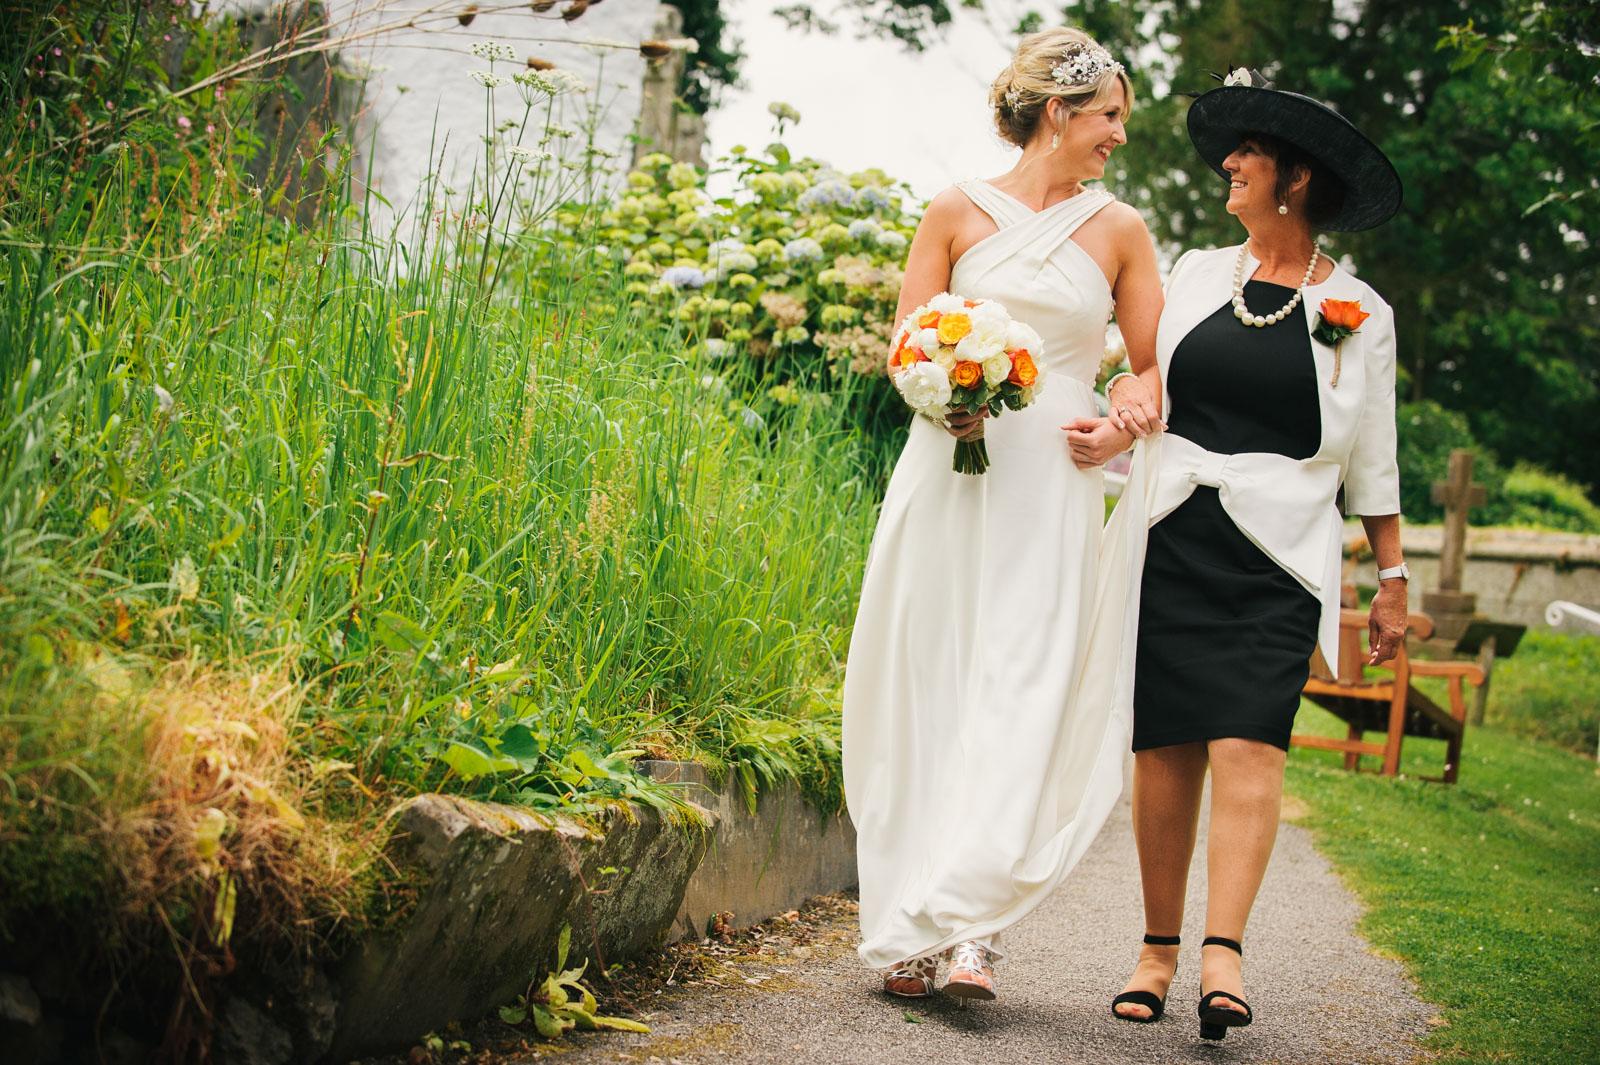 mylor-church-wedding-30.jpg